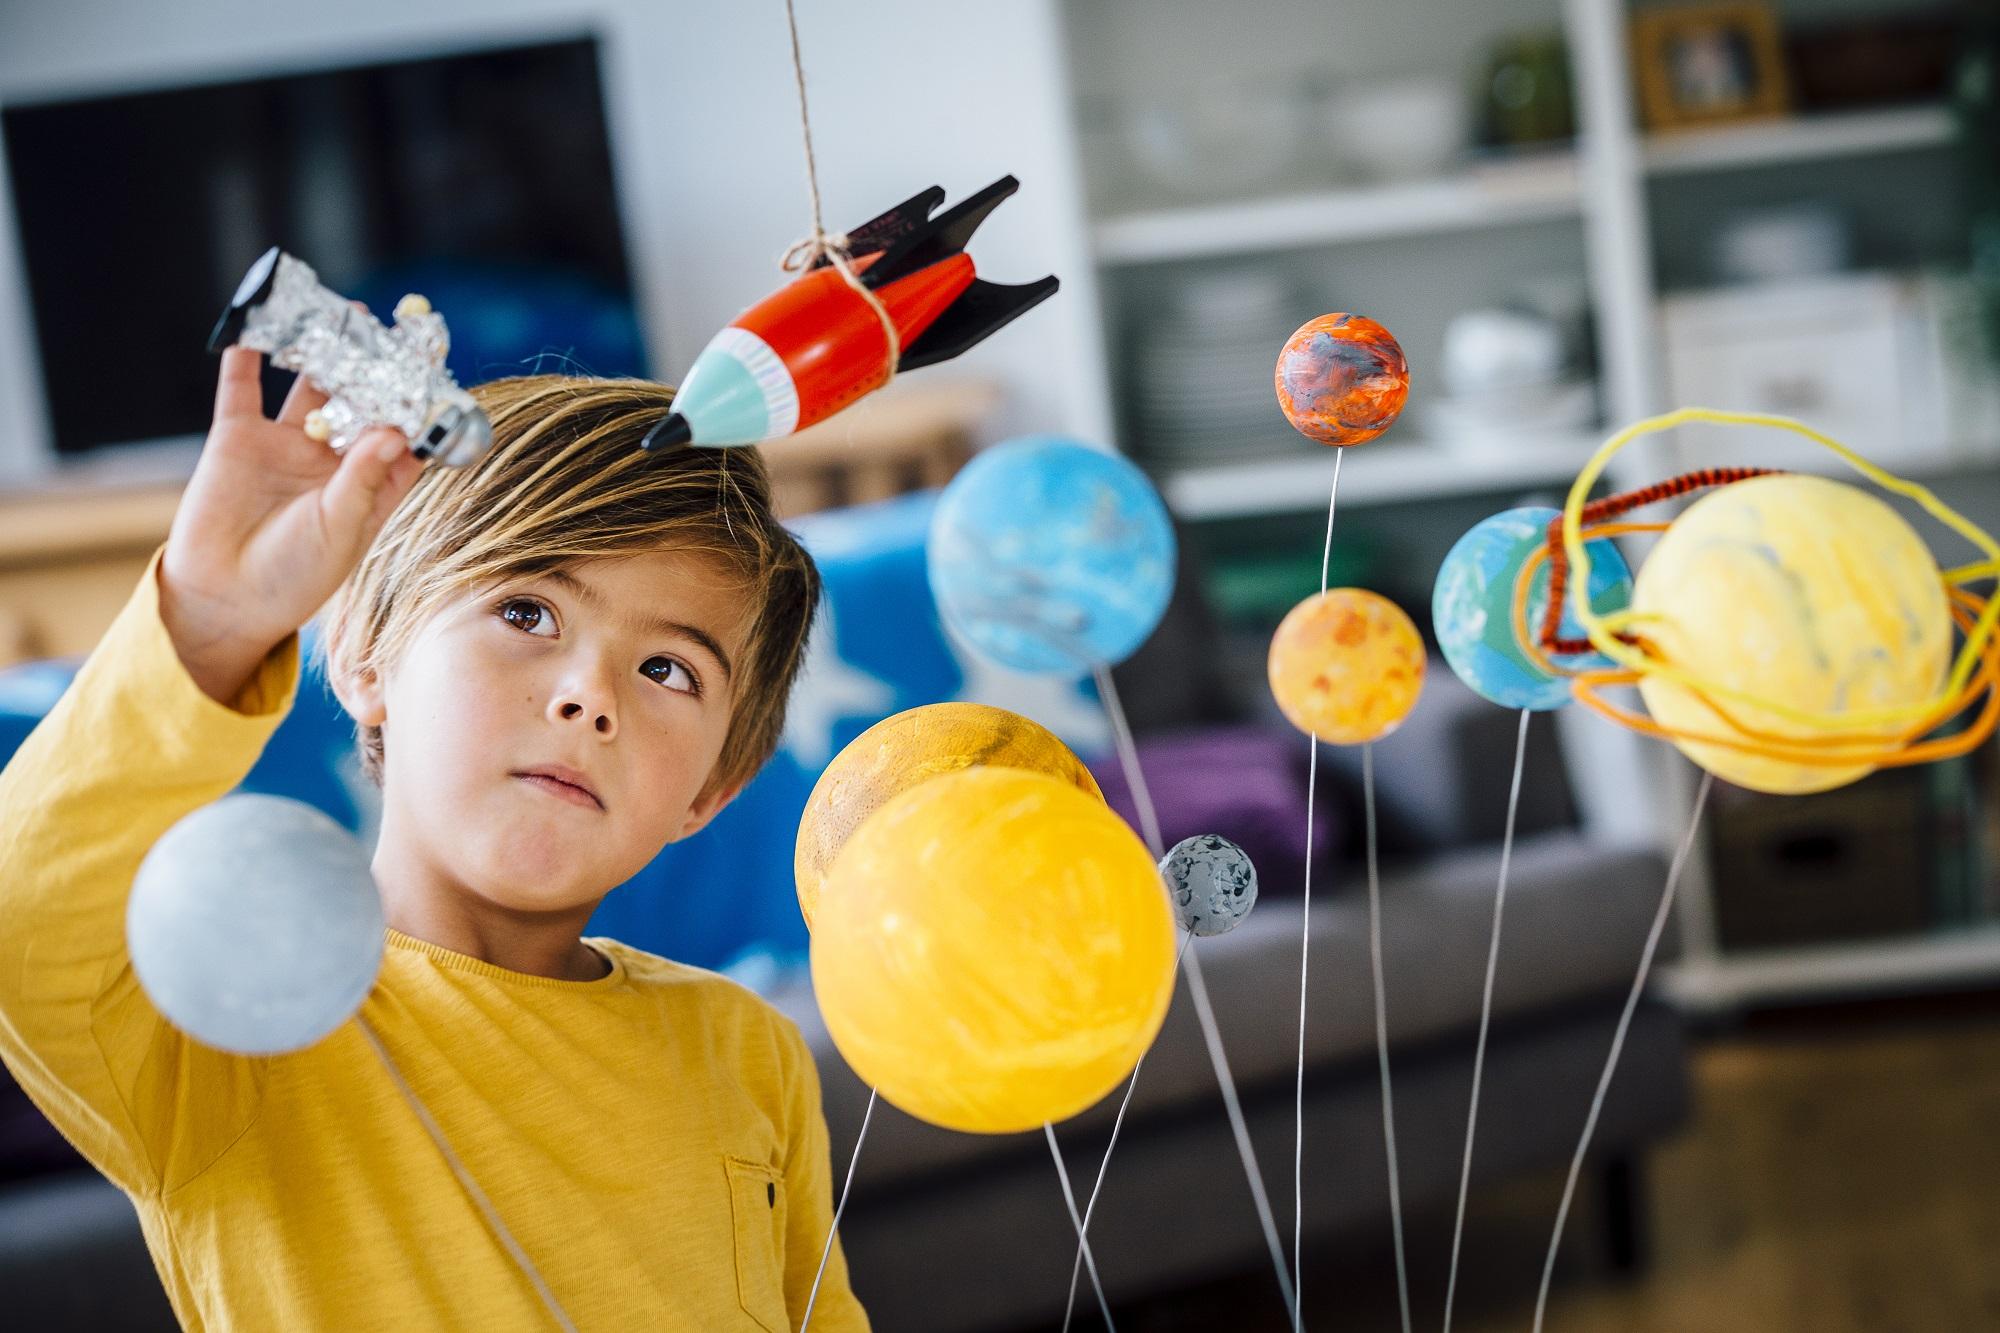 kisfiú rakétával játszik